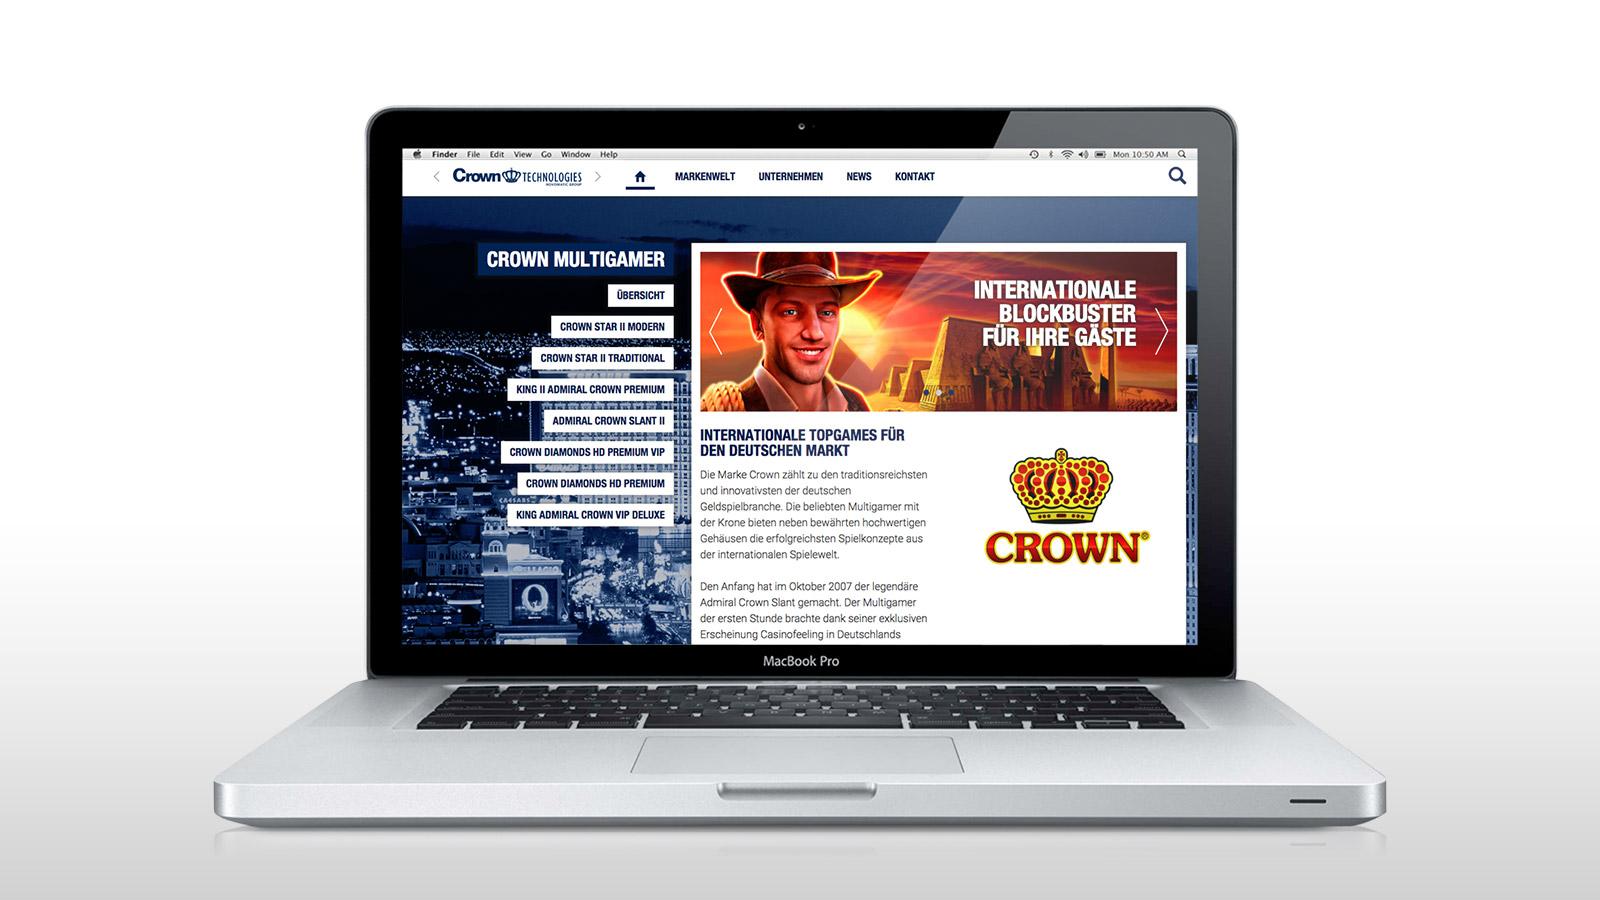 Produkt-Microsite für CROWN Multigamer